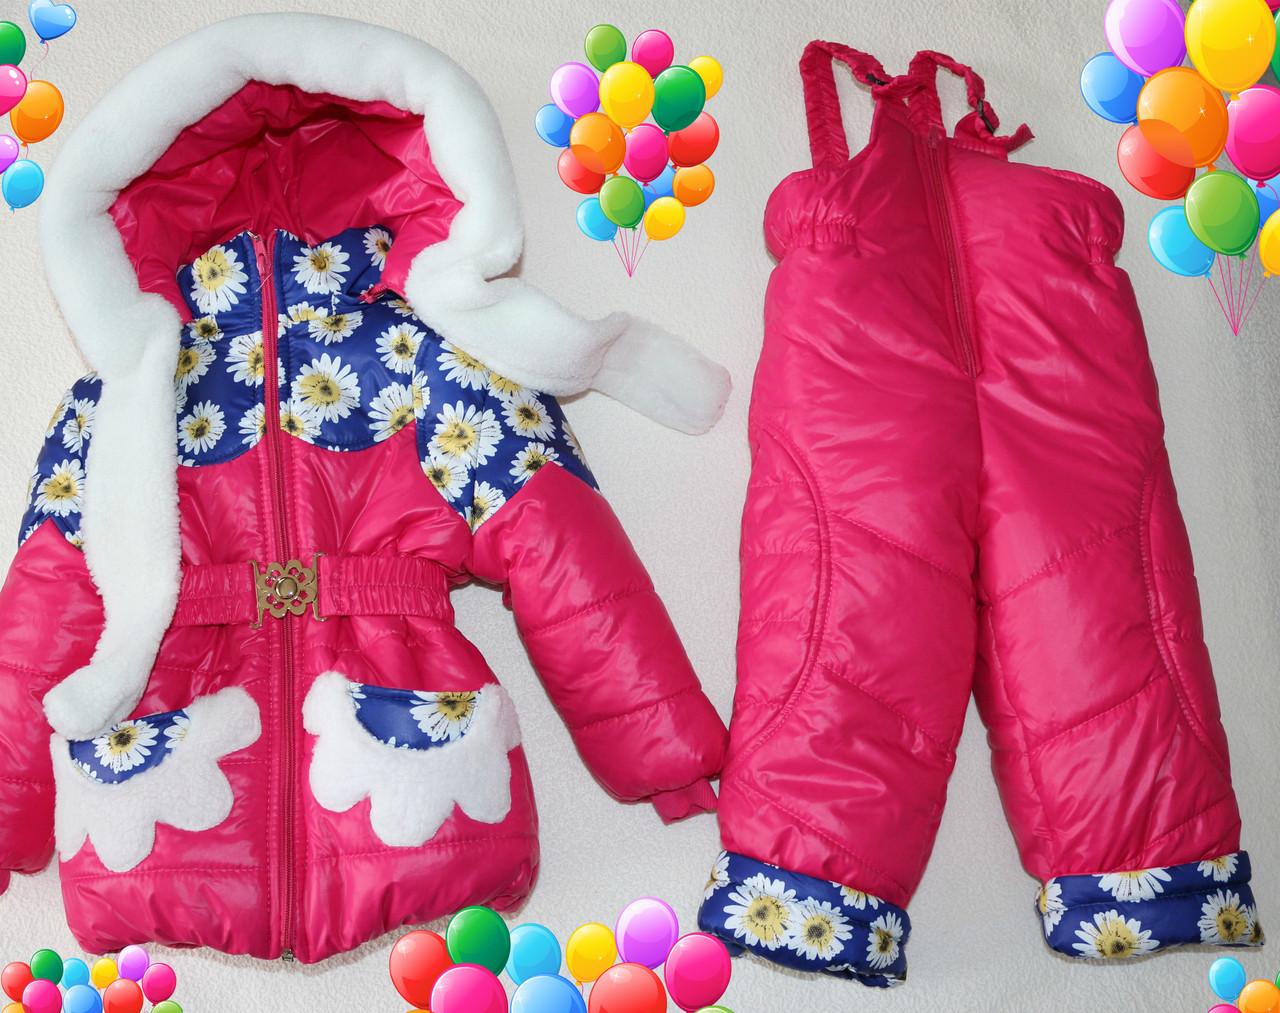 магазины детской одежды в железнодорожном